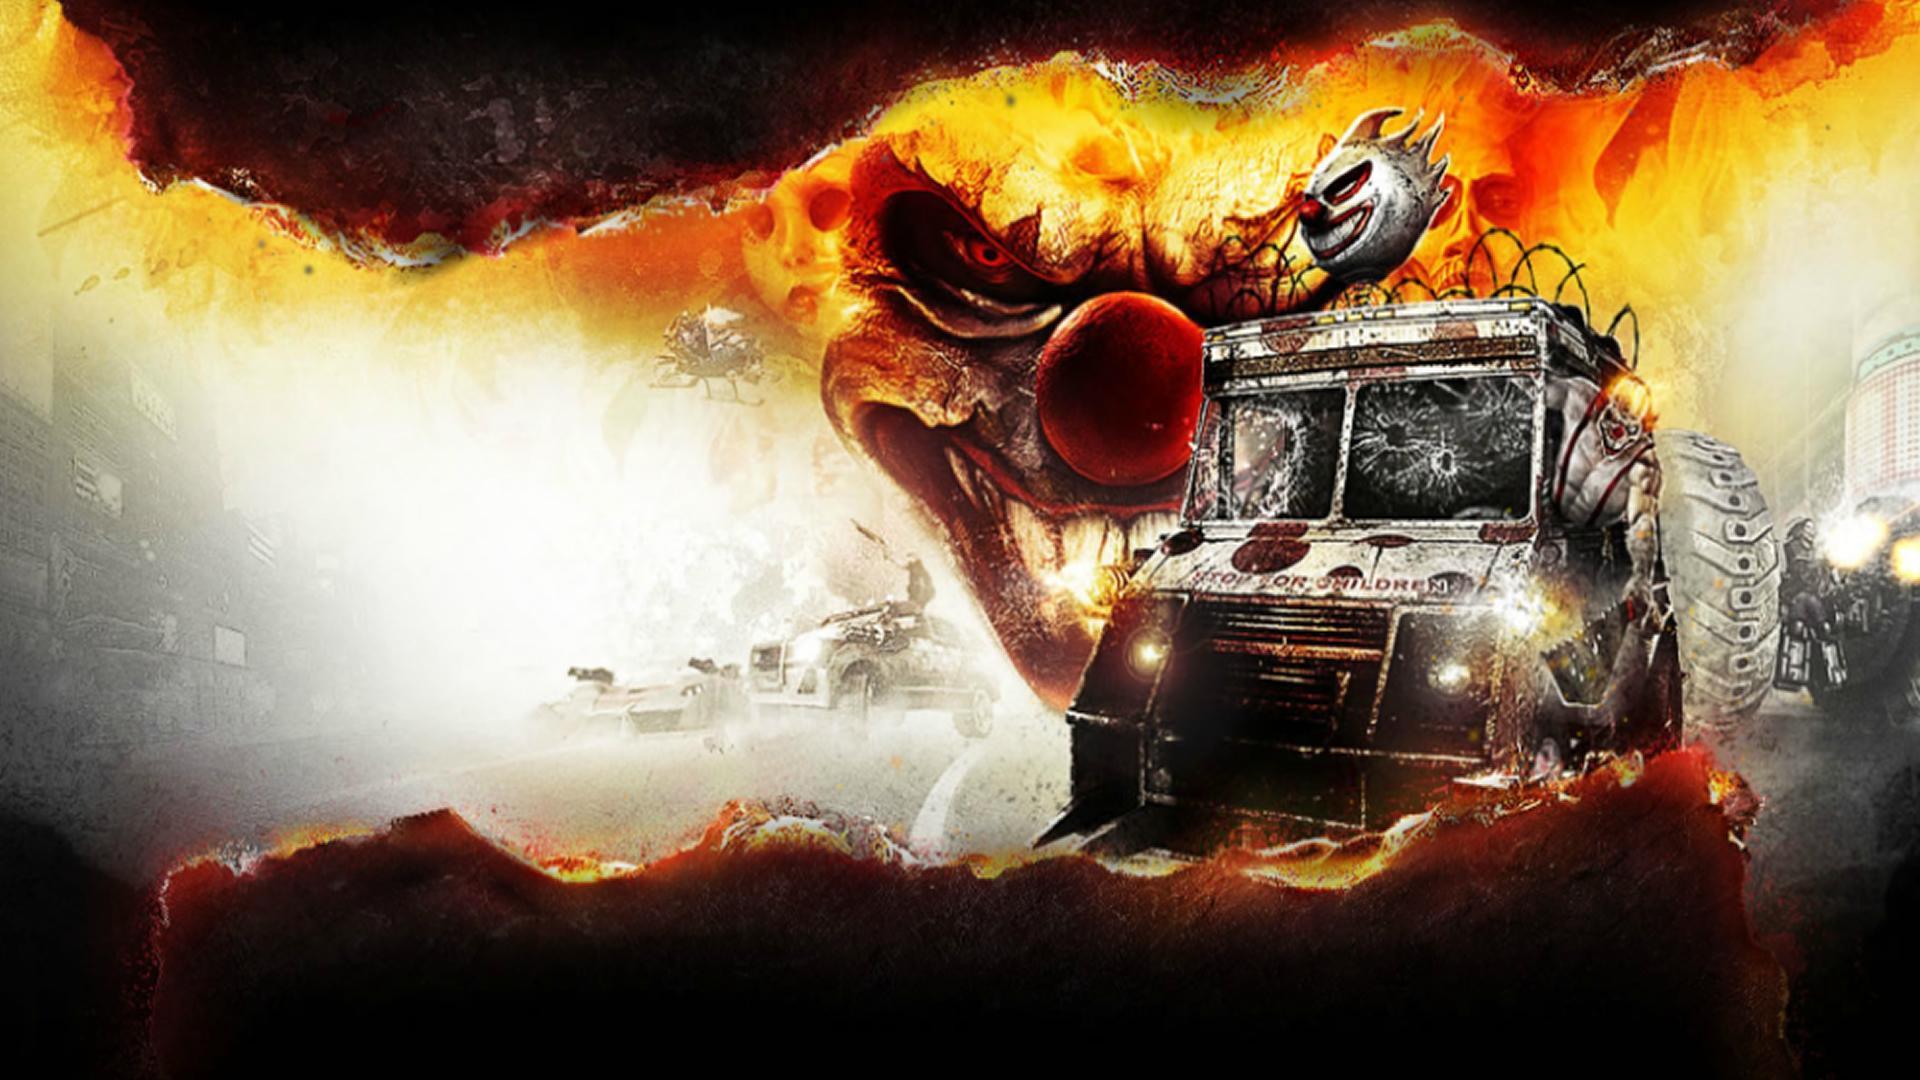 TV seriál Twisted Metal bude prvním projektem nového Playstation Production